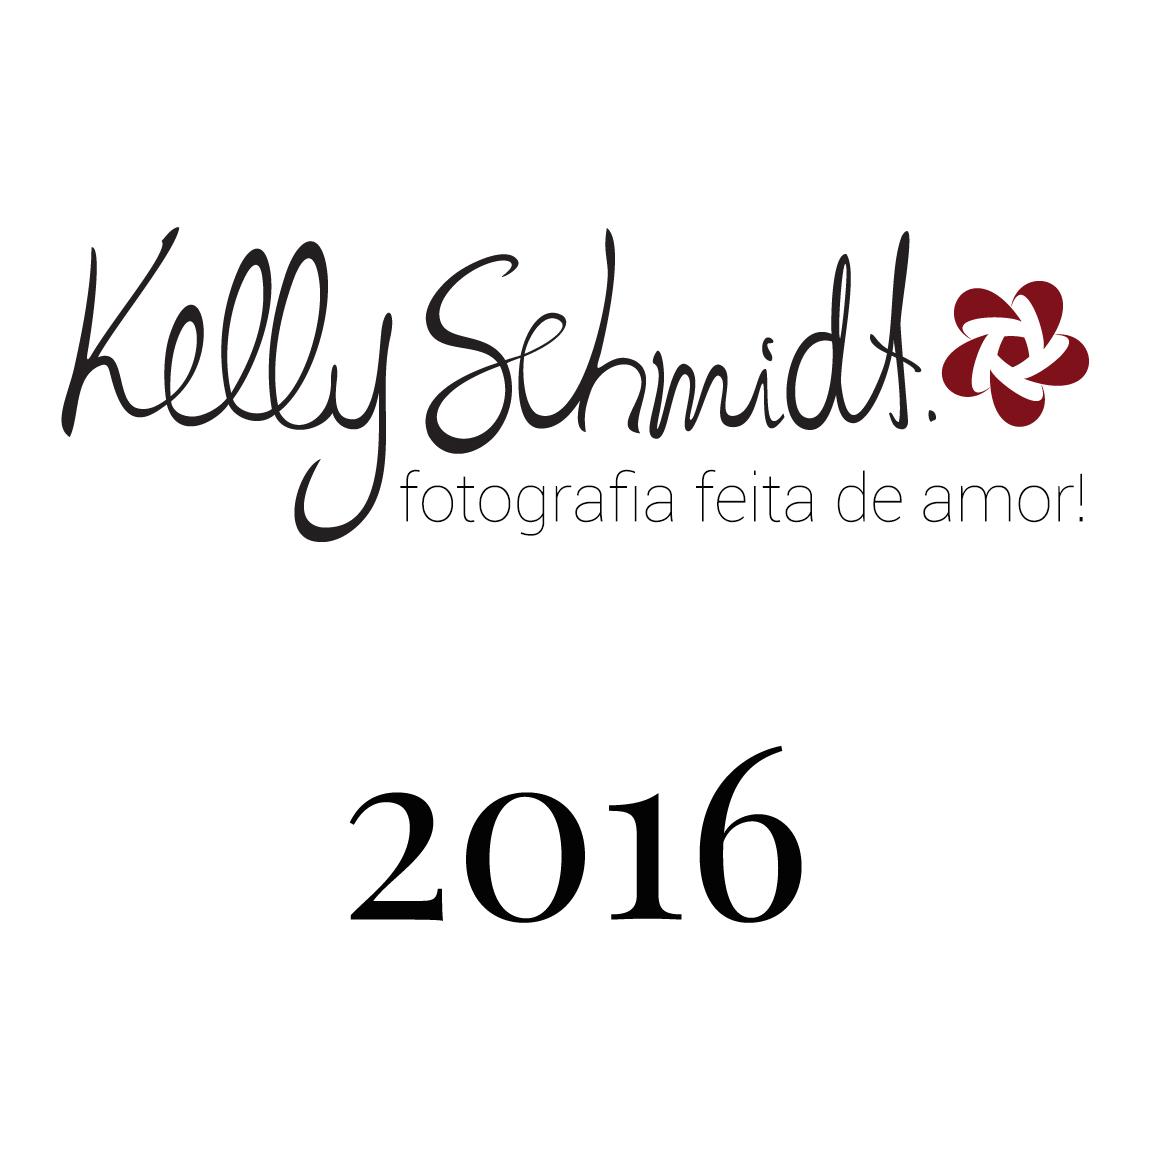 Imagem capa - Retrospectiva 2016 por Kelly Schmidt - Fotografia feita de amor!